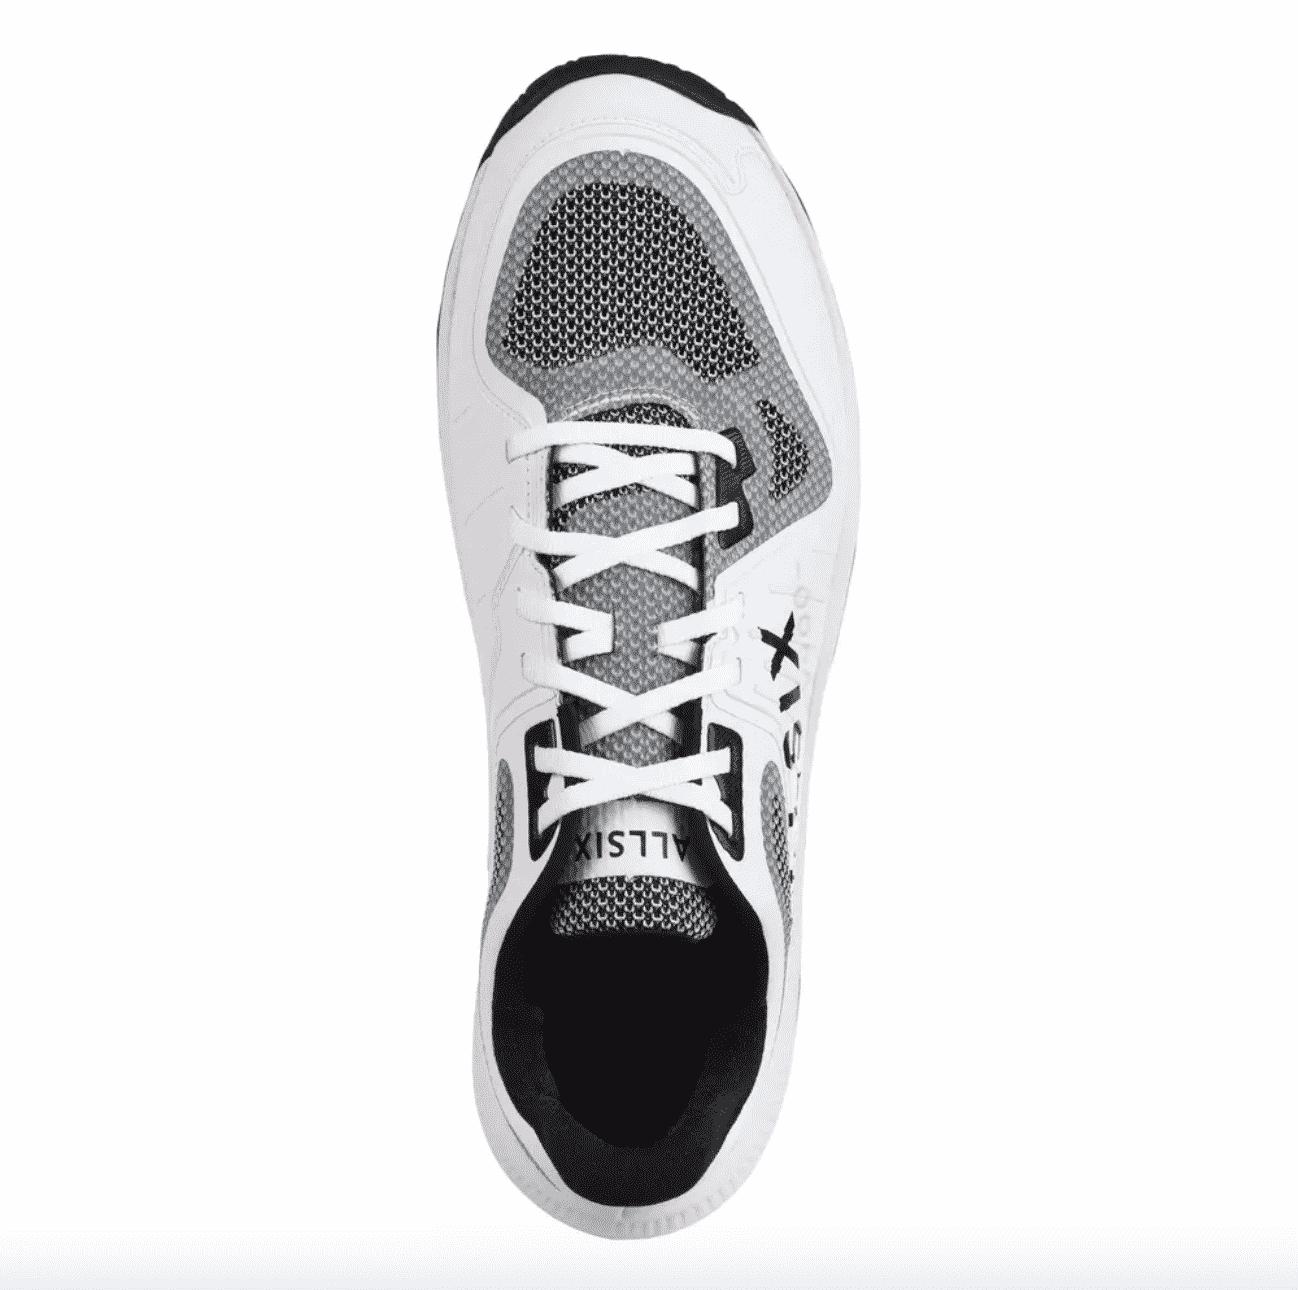 allsix-presente-ses-nouvelles-chaussures-de-volley-vs900-7